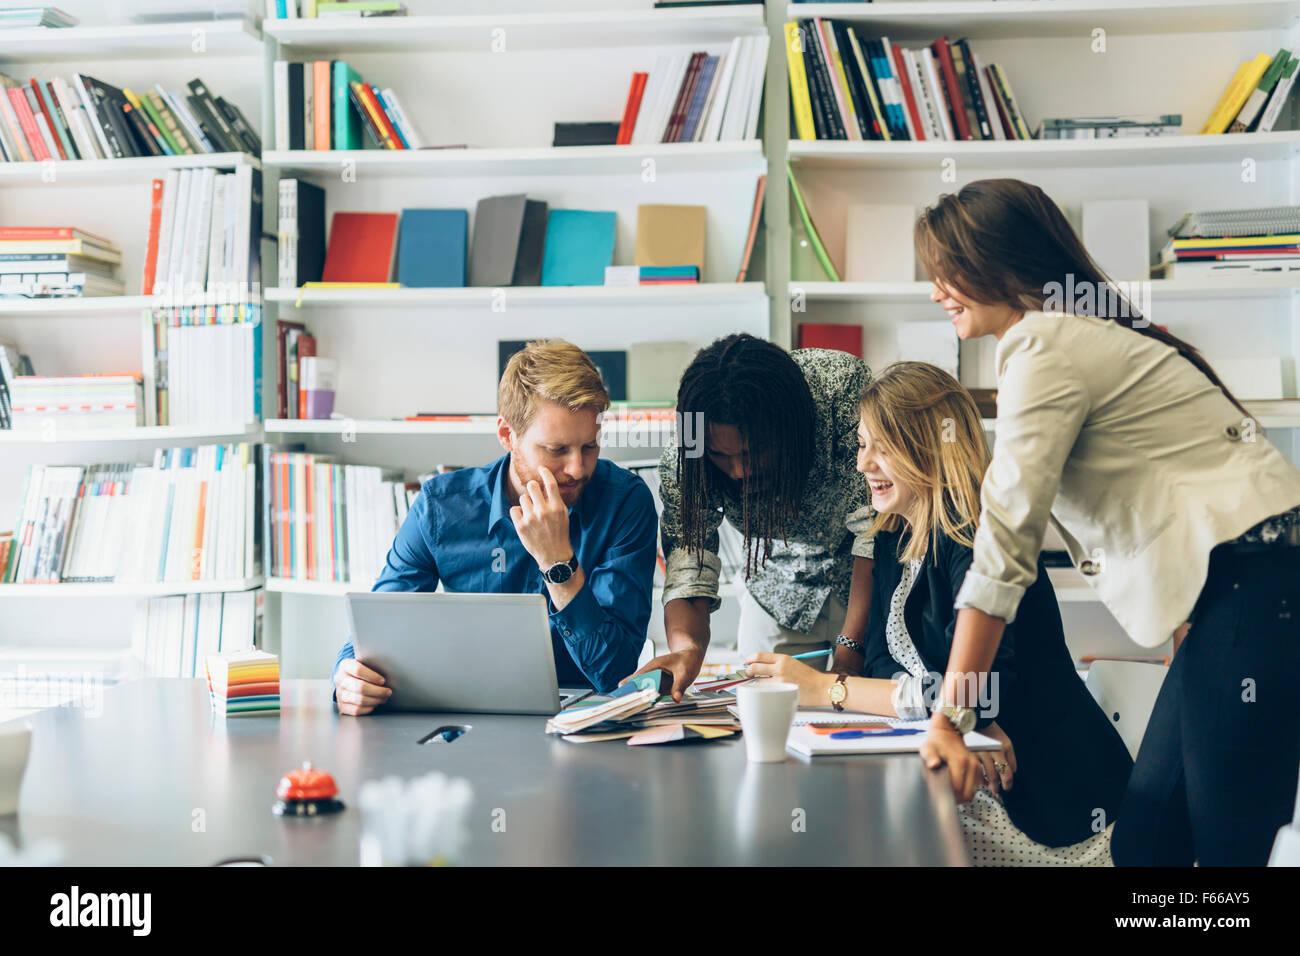 Evento di brainstorming tra colleghi di lavoro in ufficio Immagini Stock